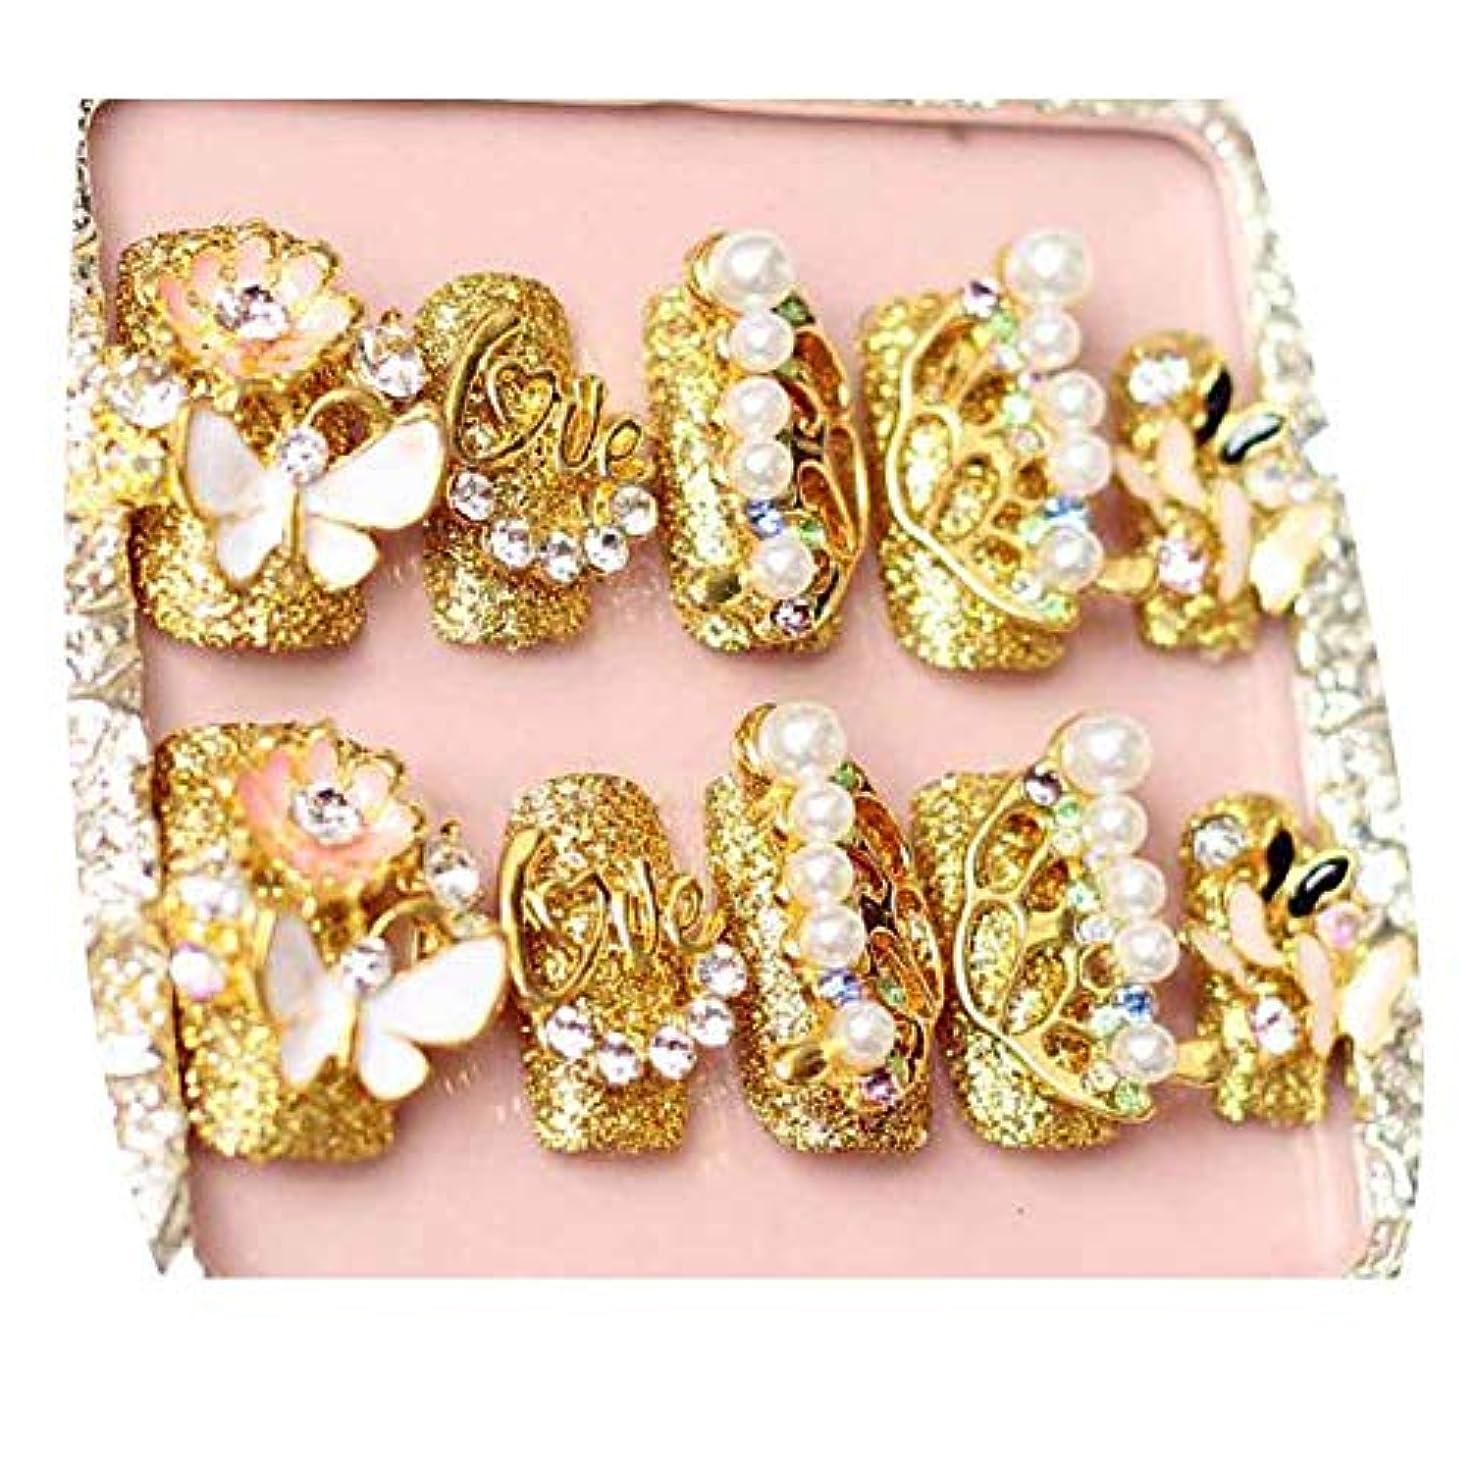 お世話になった葬儀コミュニティ蝶 - ゴールドカラー偽爪結婚式人工爪のヒントビーズネイルアート